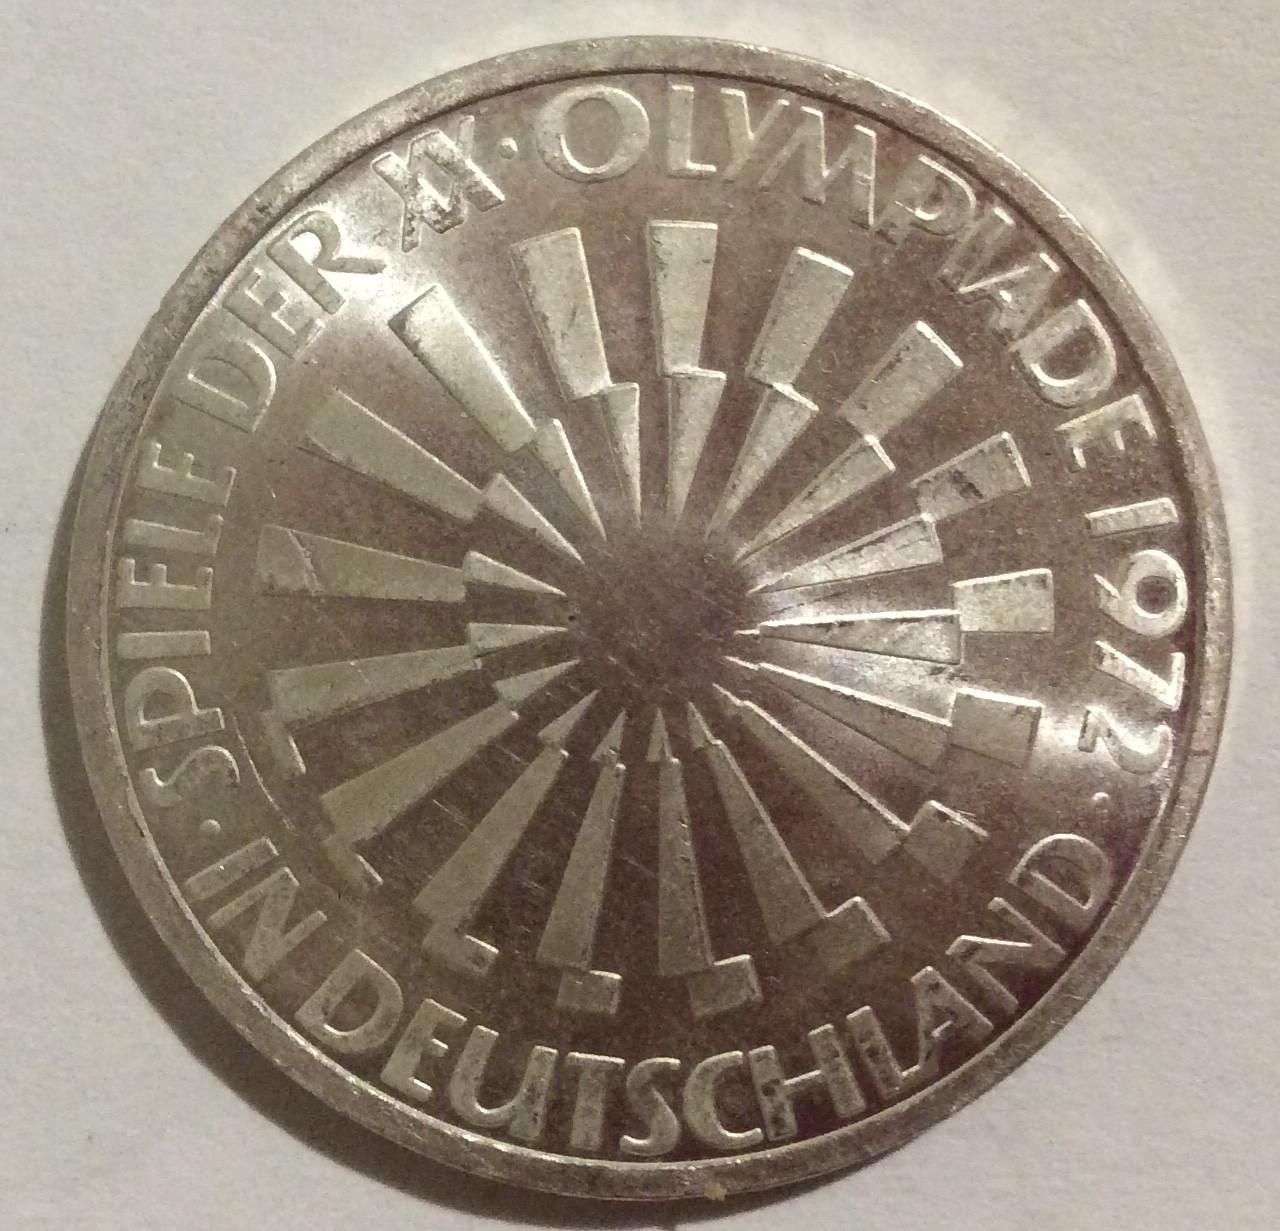 ФРГ 10 марок 1972 серебро 15.5 грамм Олимпиада Мюнхен №142